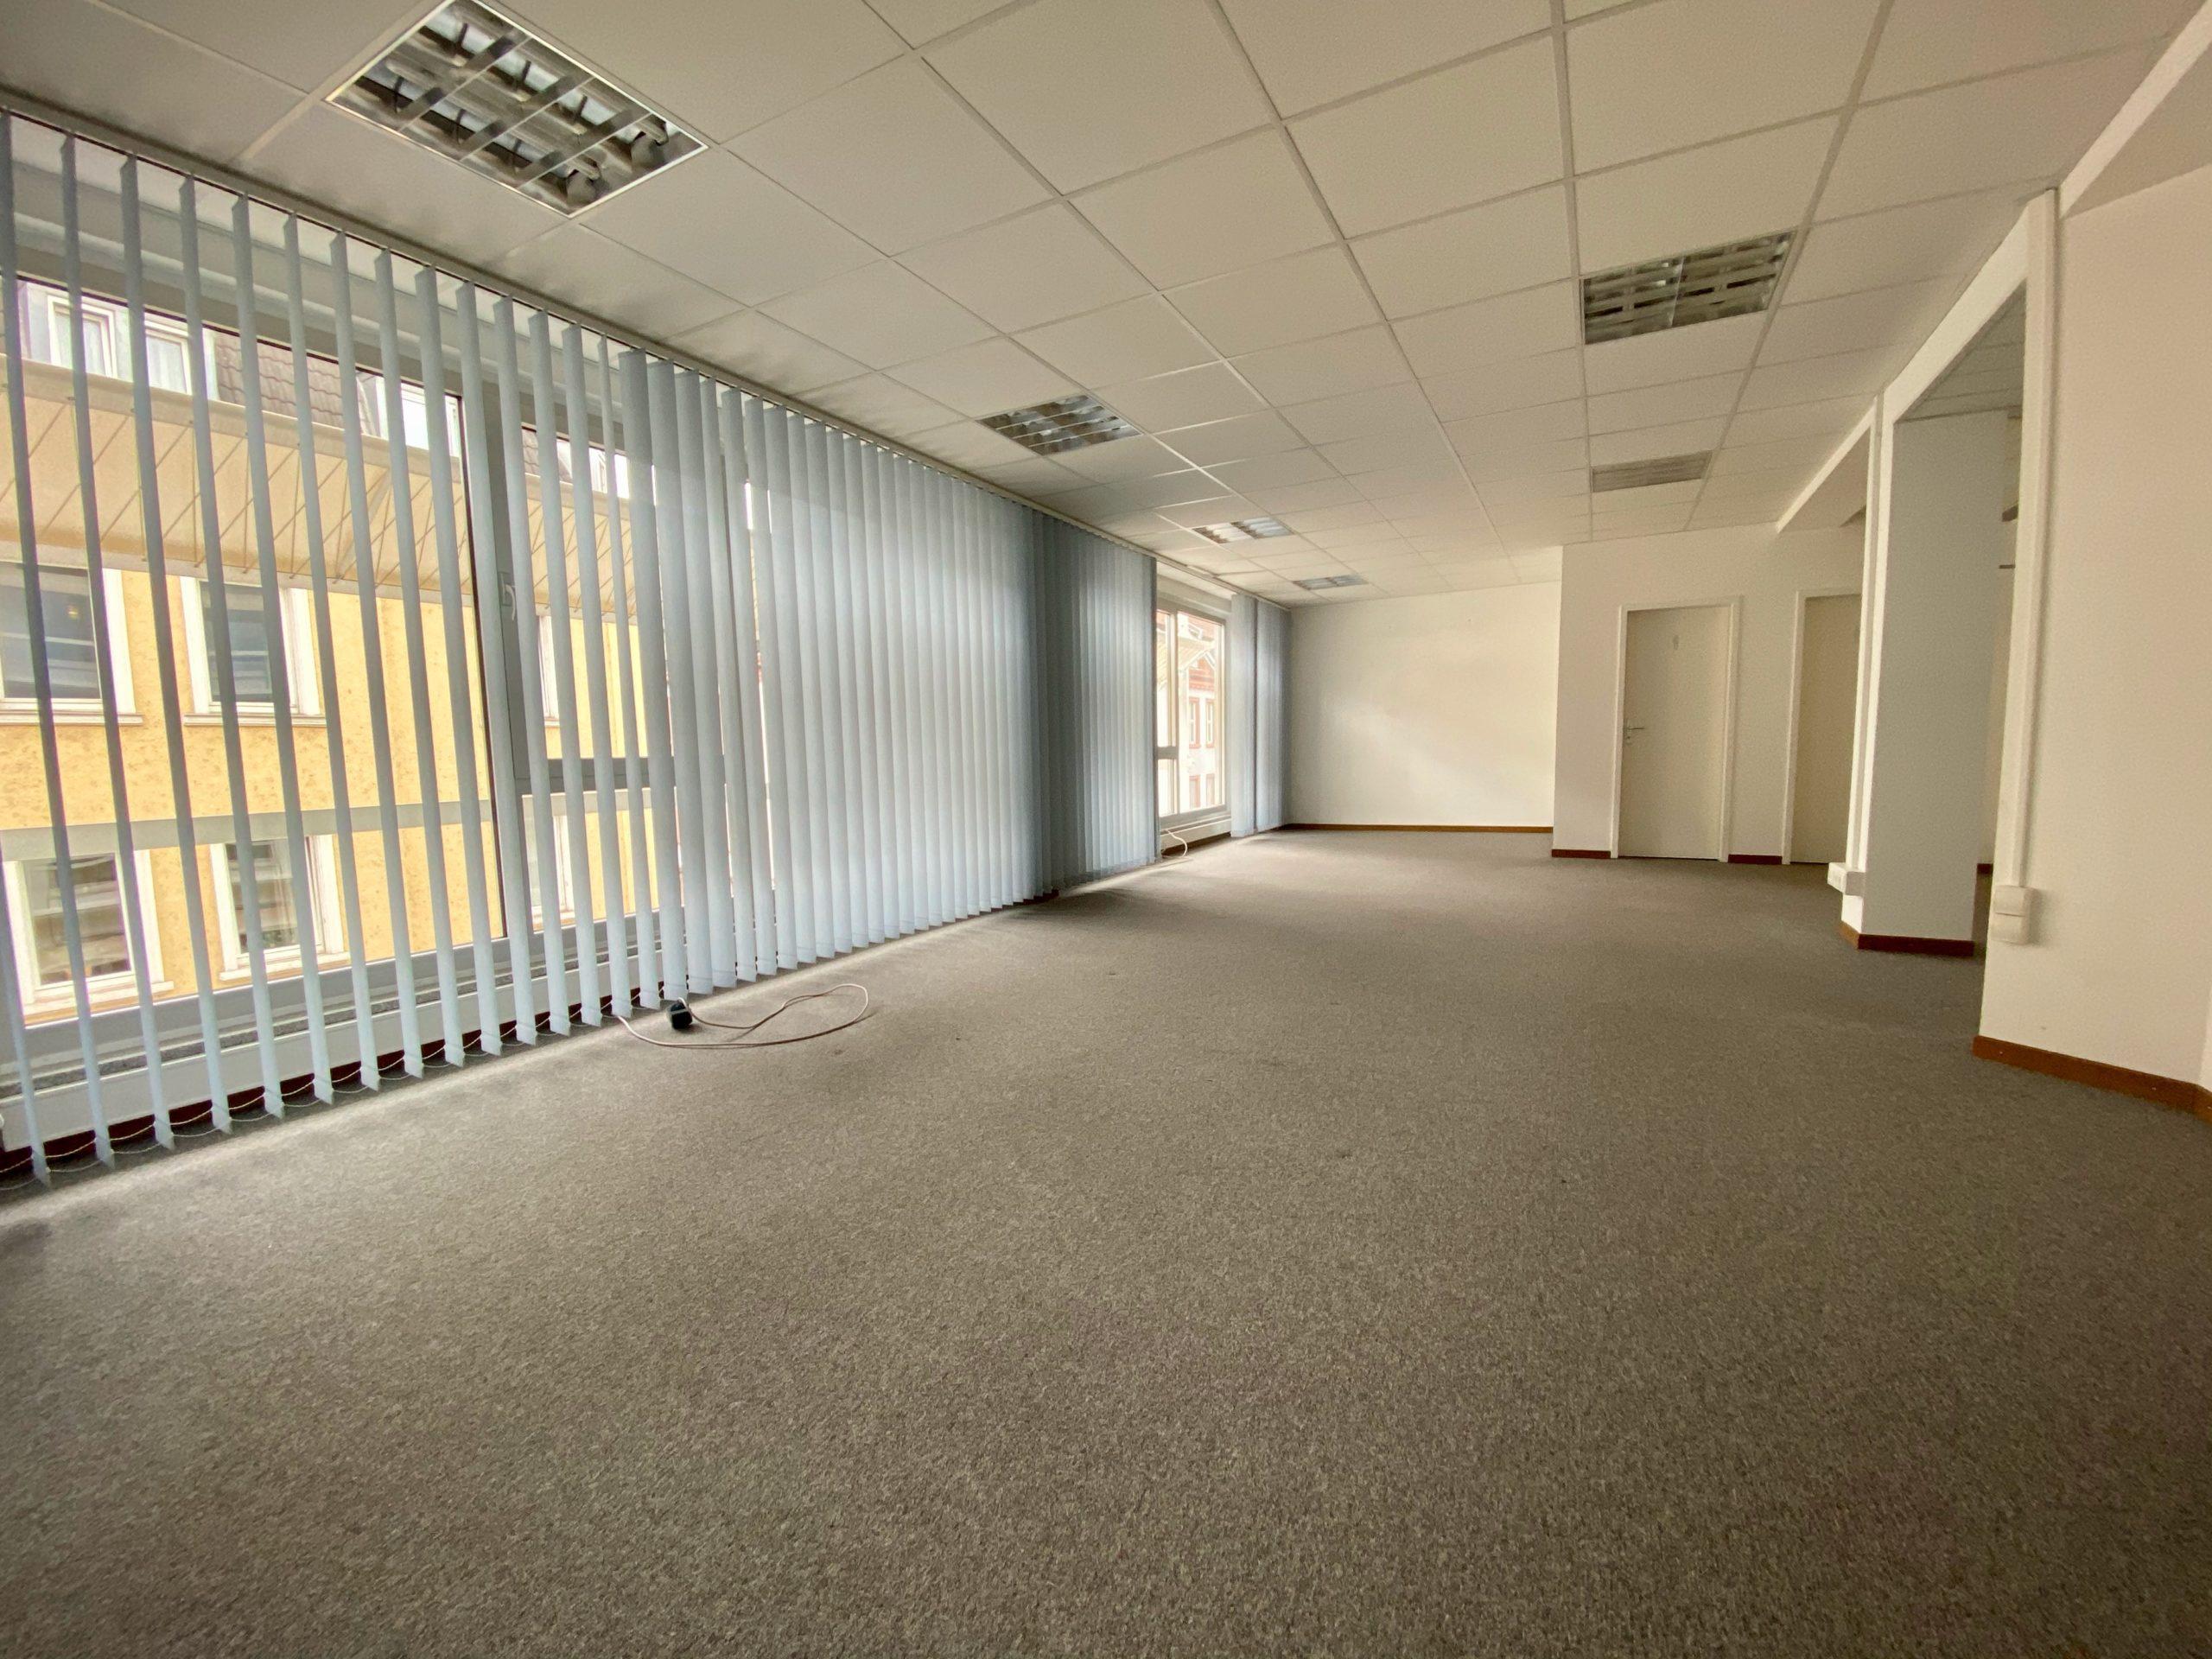 Praxisräume in Aschaffenburg